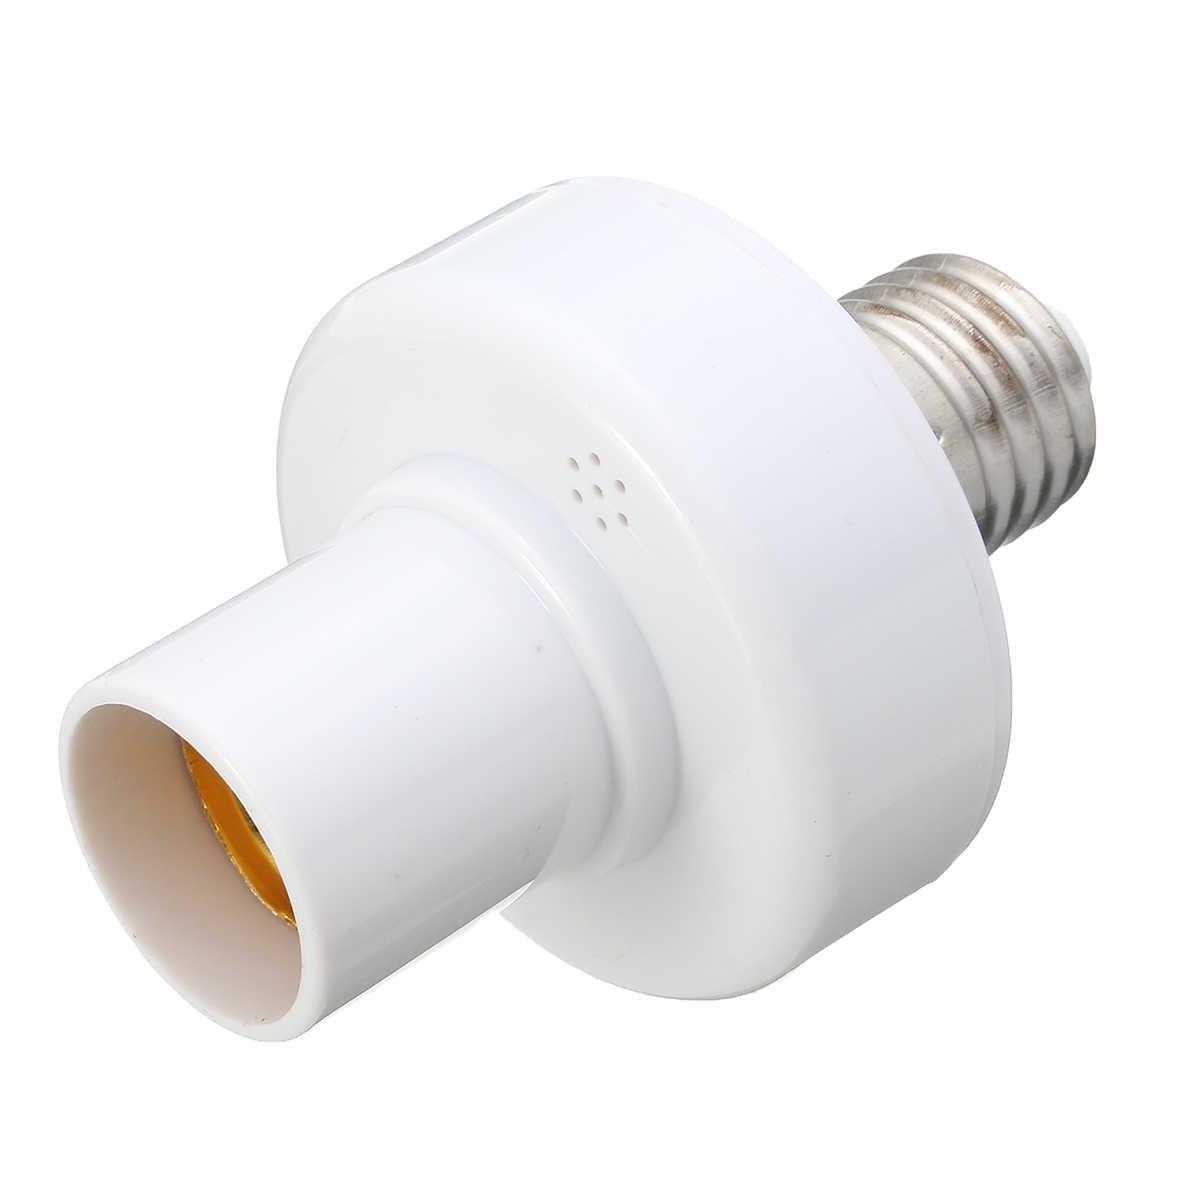 3 шт. E27 винт беспроводной пульт дистанционного управления светильник лампа держатель колпачок гнездо переключатель конвертер сплиттер адаптер AC110V/180-240 В